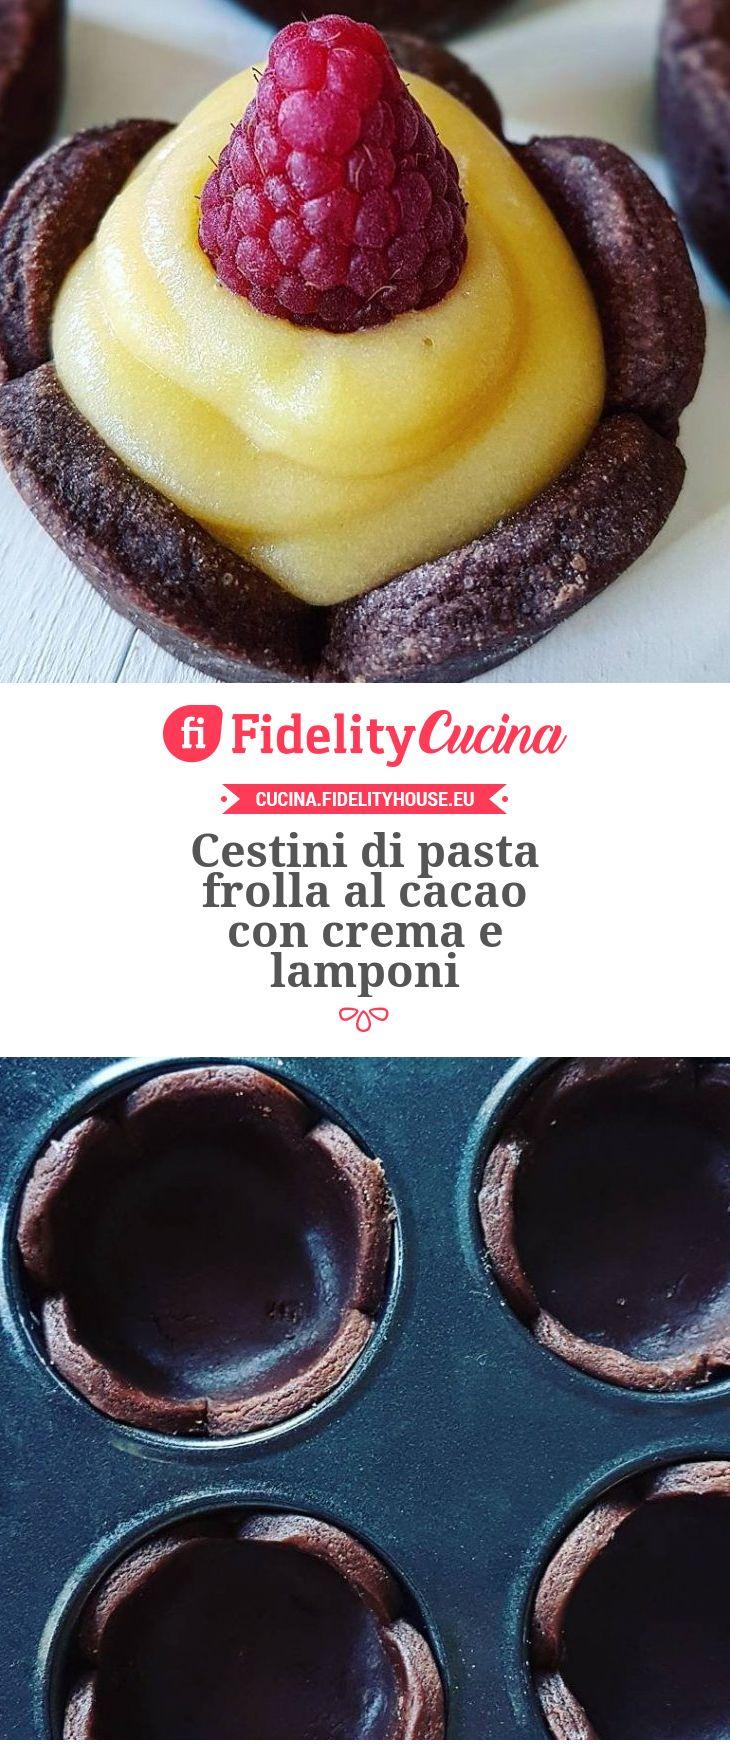 Cestini di pasta frolla al cacao con crema e lamponi